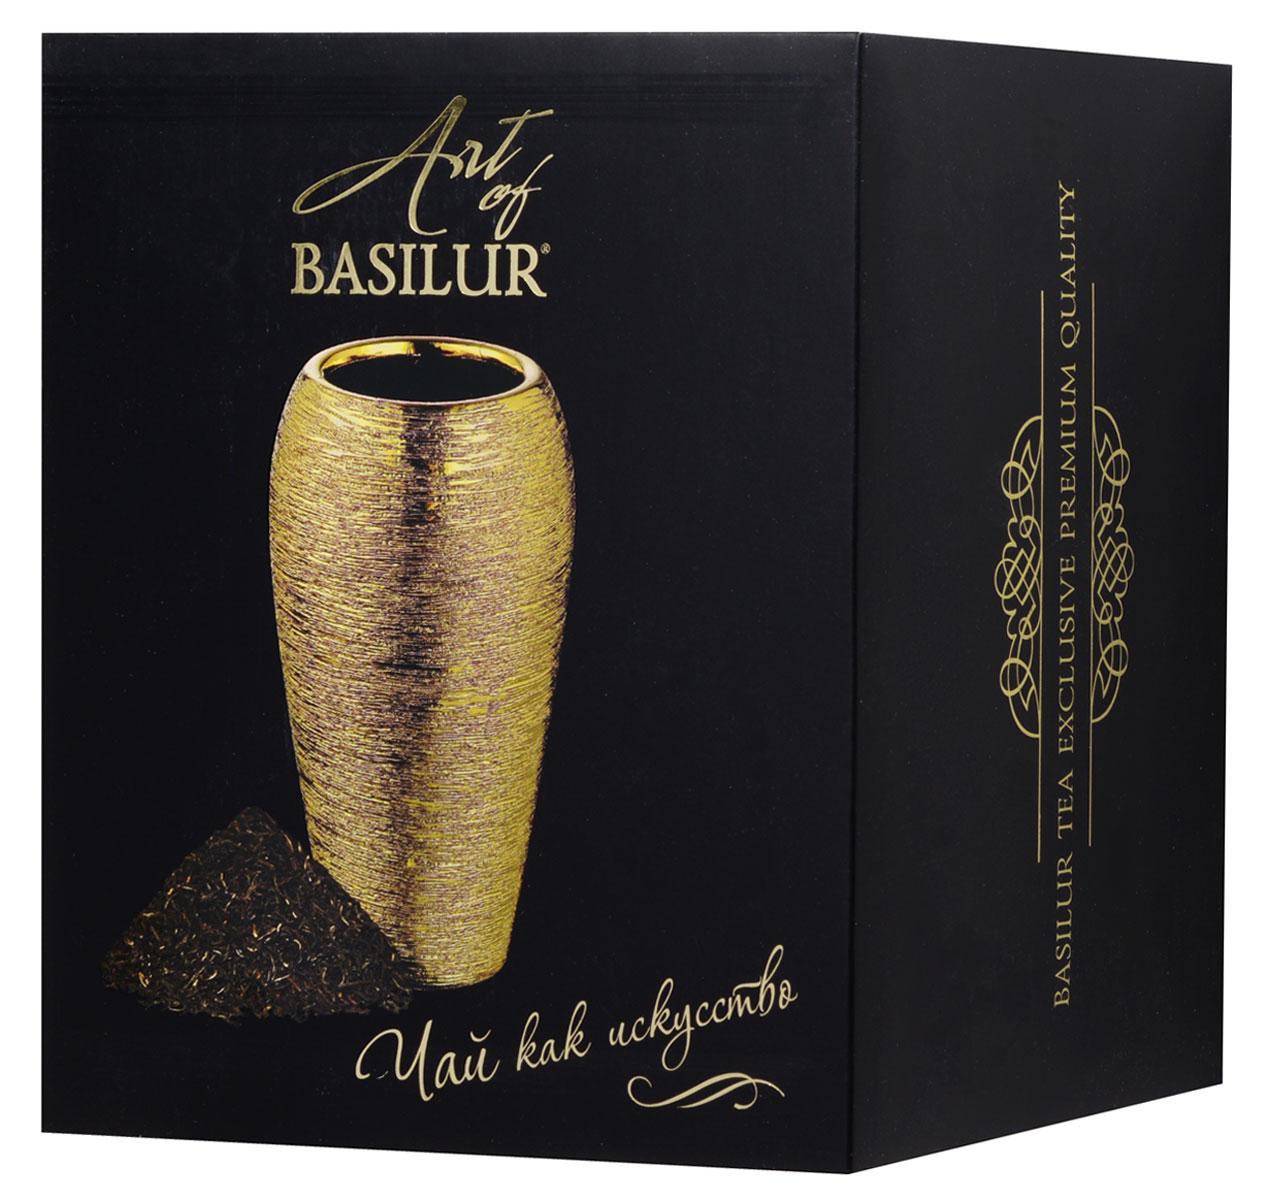 Basilur Masala черный листовой чай + ваза Венера Золото, 100 г50317-00Уникальный стильный набор Art of Basilur представляет собой дизайнерскую керамическую вазу и элитный цейлонский чай Basilur Masala в 100 граммовой упаковке. Особый, пряный черный листовой чай Masala очарует вас теплом и ароматом индийских специй, а элегантная керамическая ваза Венера послужит прекрасным дополнением к интерьеру вашего дома. Ваза изготовлена из керамики высокого качества и украшена золотыми узорами. Оптимальный размер и уже полюбившаяся форма вазы идеально подходит для букетов различной длины или может использоваться в качестве стильного декоративного элемента. Эксклюзивная ваза Венера проекта Art of Basilur подчеркнет богатство интерьера и отличный вкус владельца, а качественный цейлонский чай окажется приятным согревающим дополнением. Размеры вазы: 20 см х 7 см х 7 смДиаметр основания вазы: 6,8 см